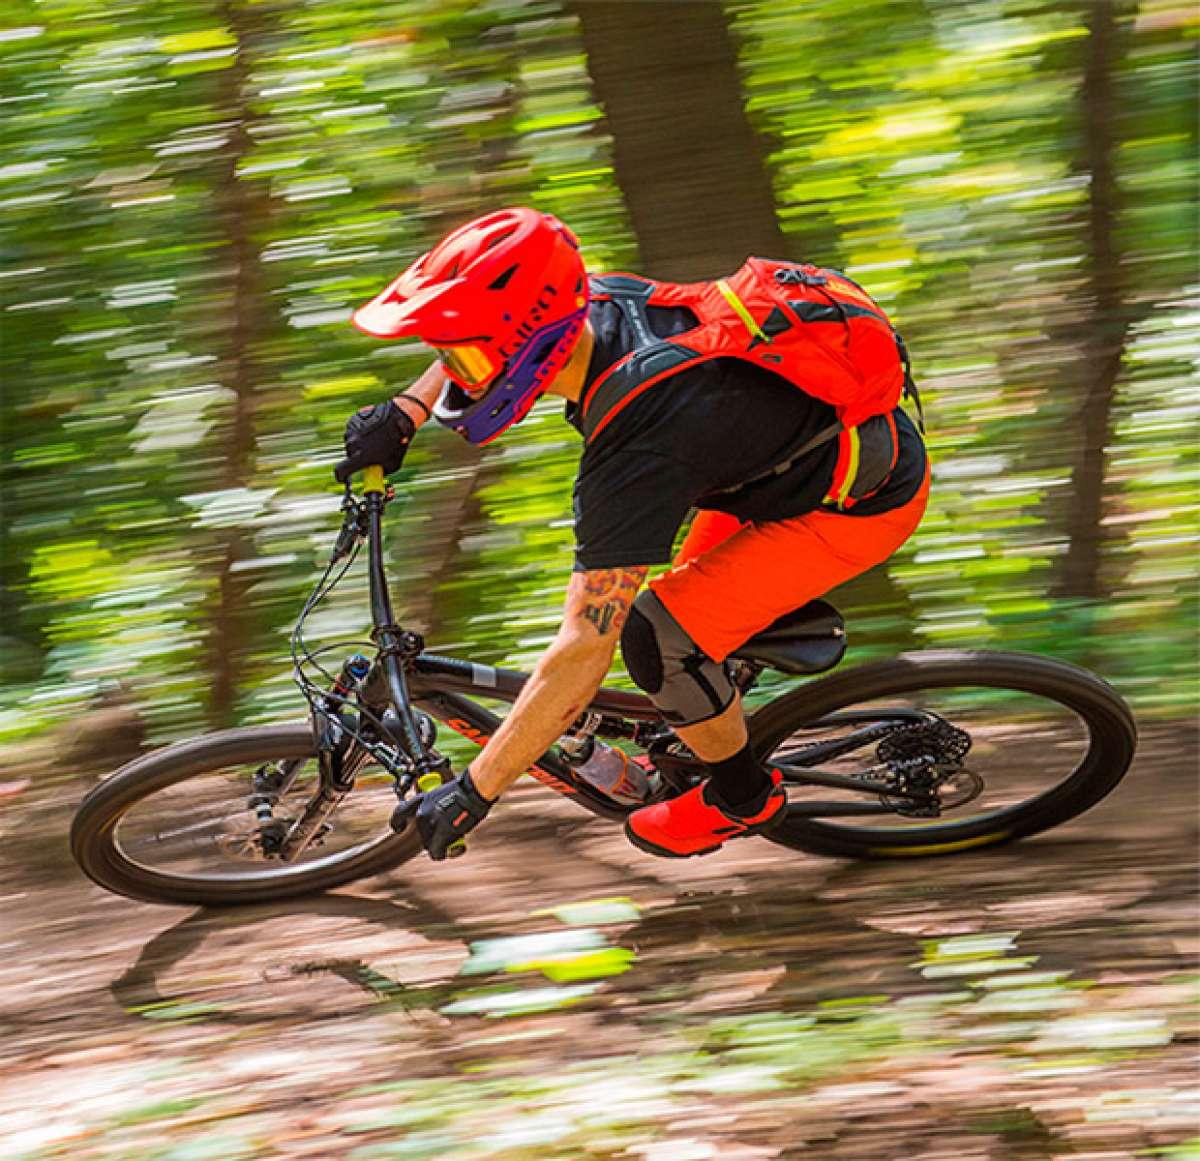 Giro Switchblade MIPS, un casco homologado para DH con mentonera desmontable